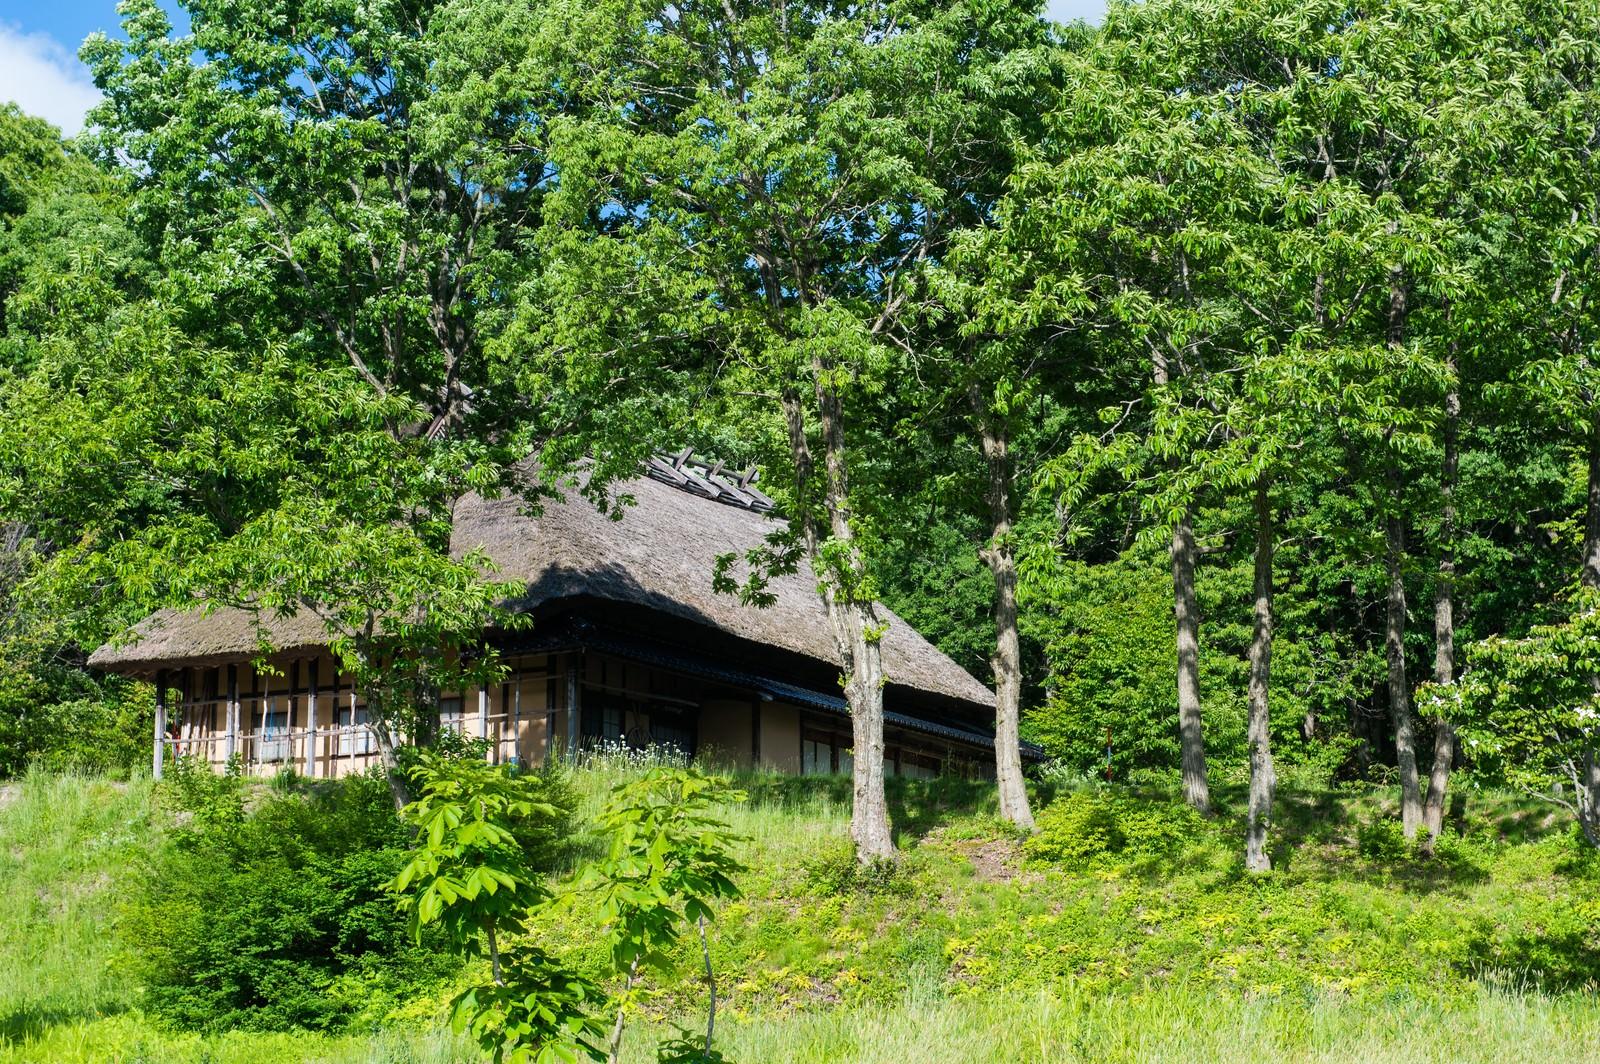 「新緑に包まれる茅葺き屋根の古民家 | 写真の無料素材・フリー素材 - ぱくたそ」の写真